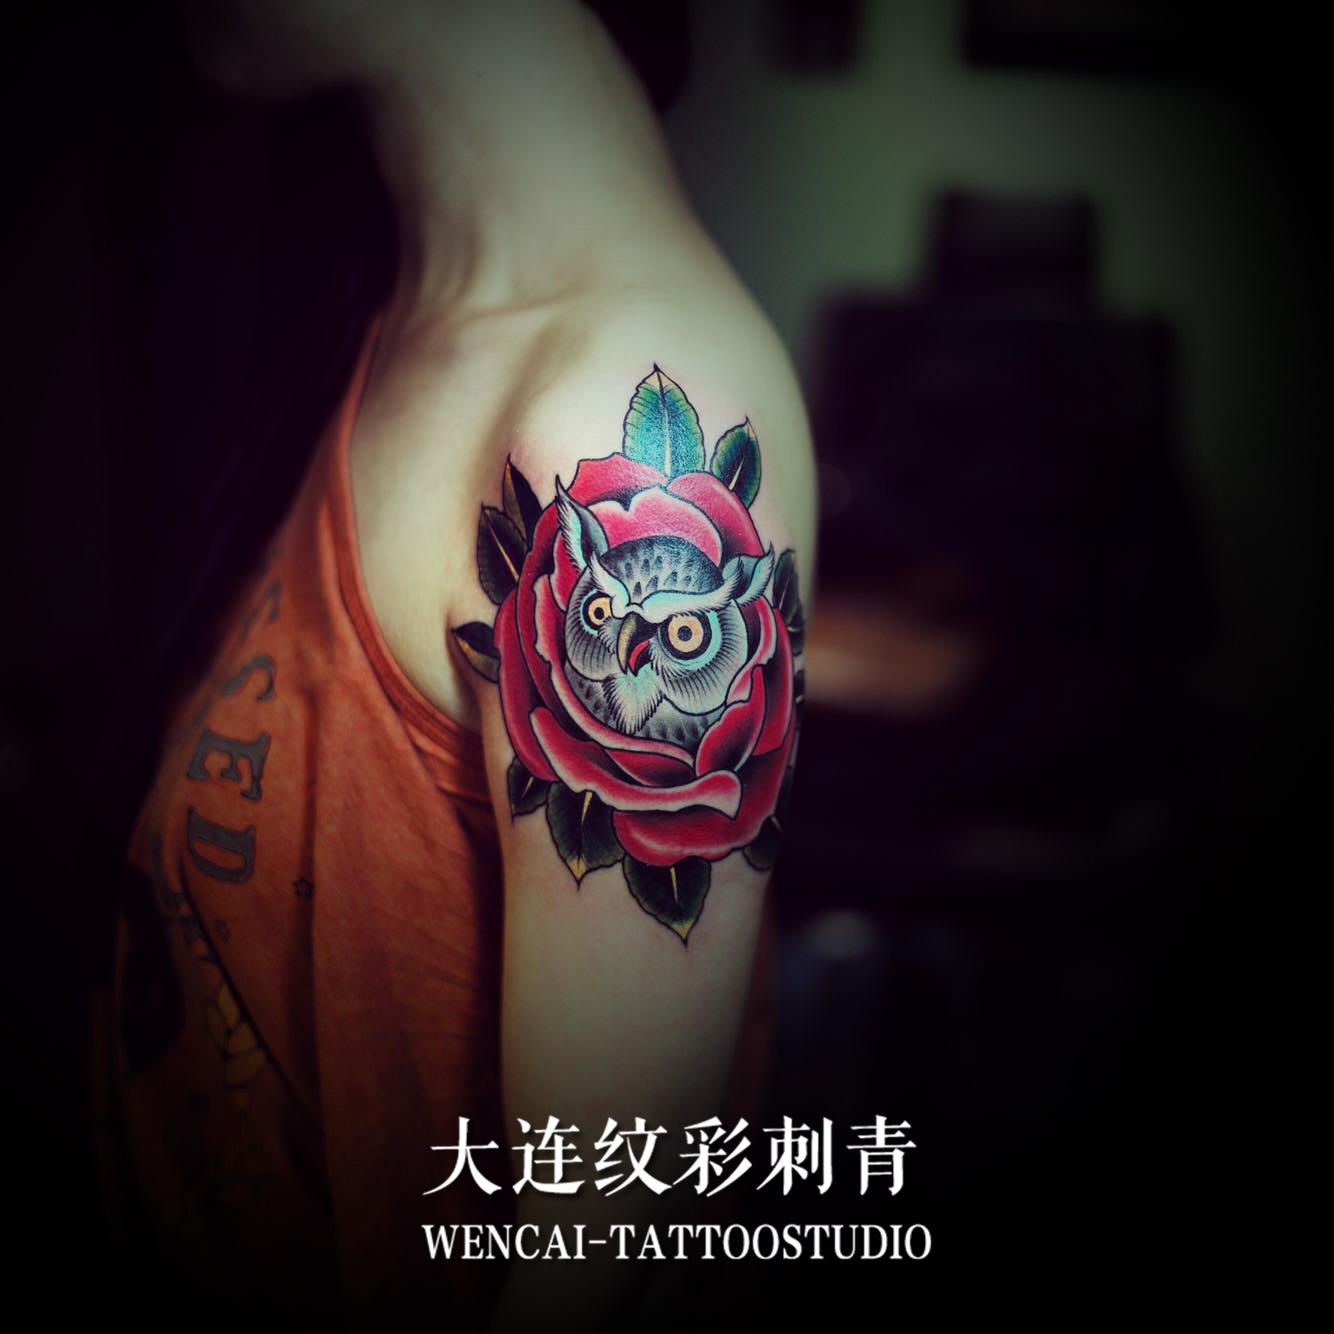 美甲店主刘小姐肩膀处的玫瑰猫头鹰纹身图案